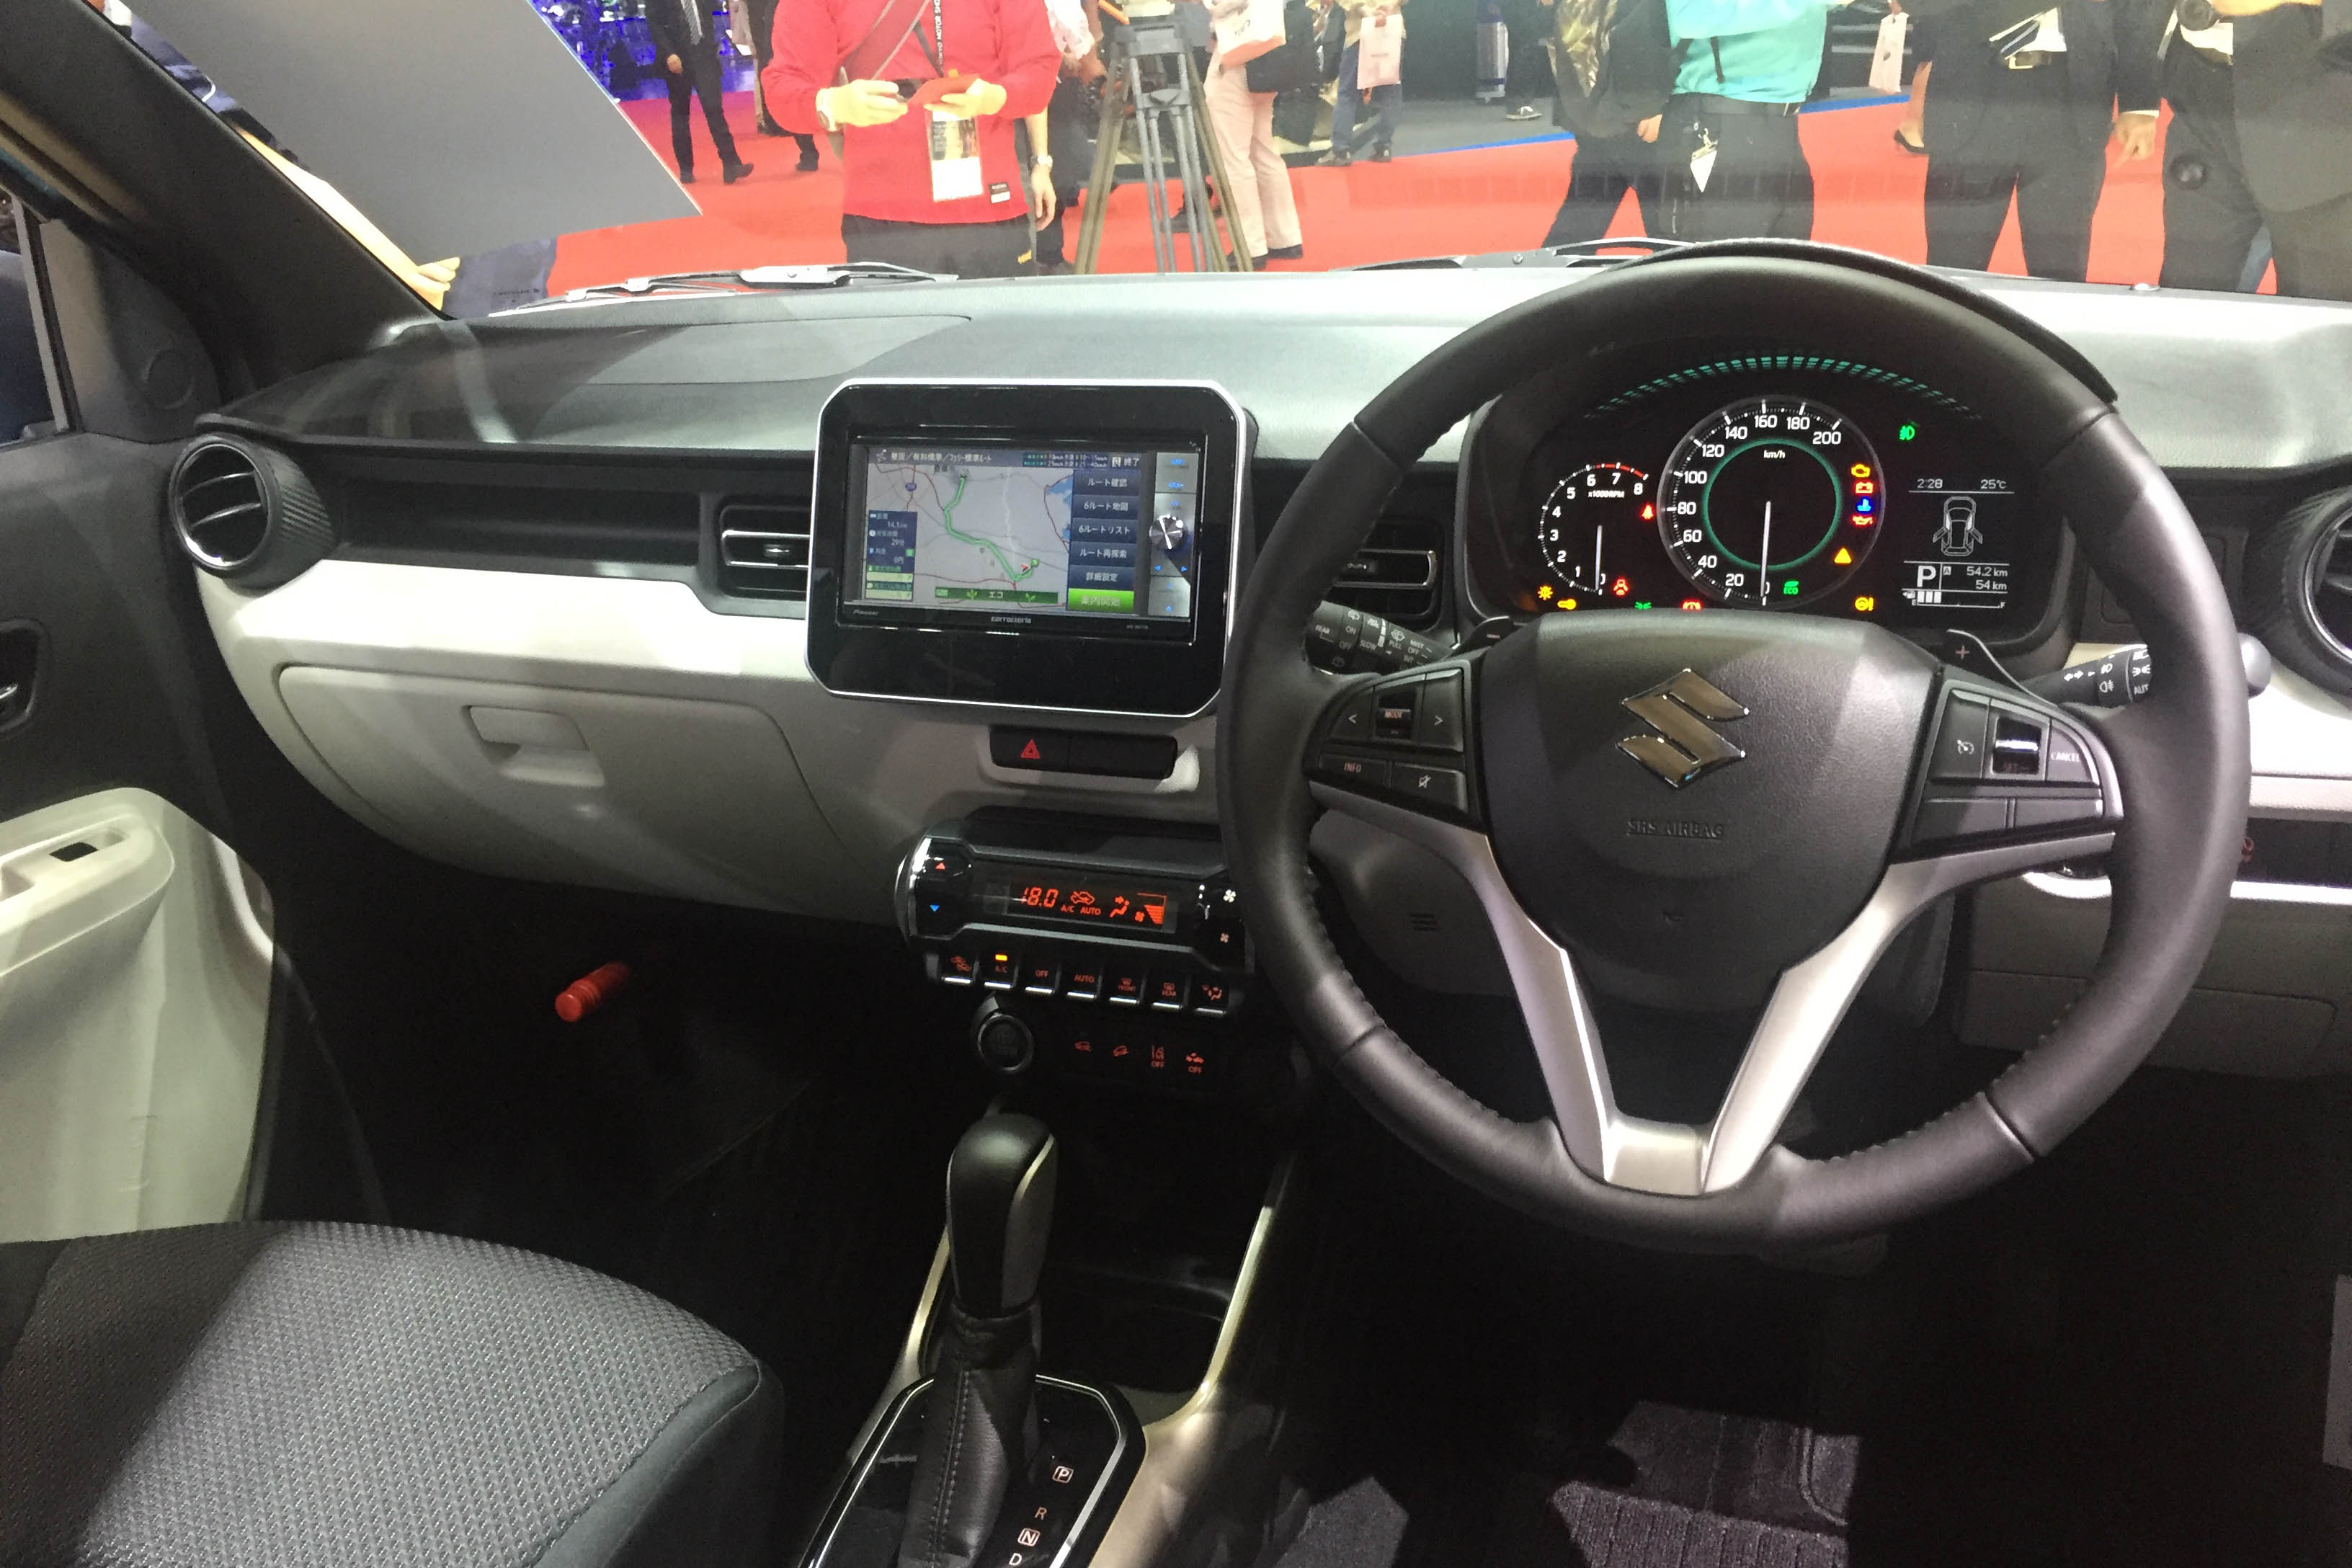 Suzuki Ignis Interiors